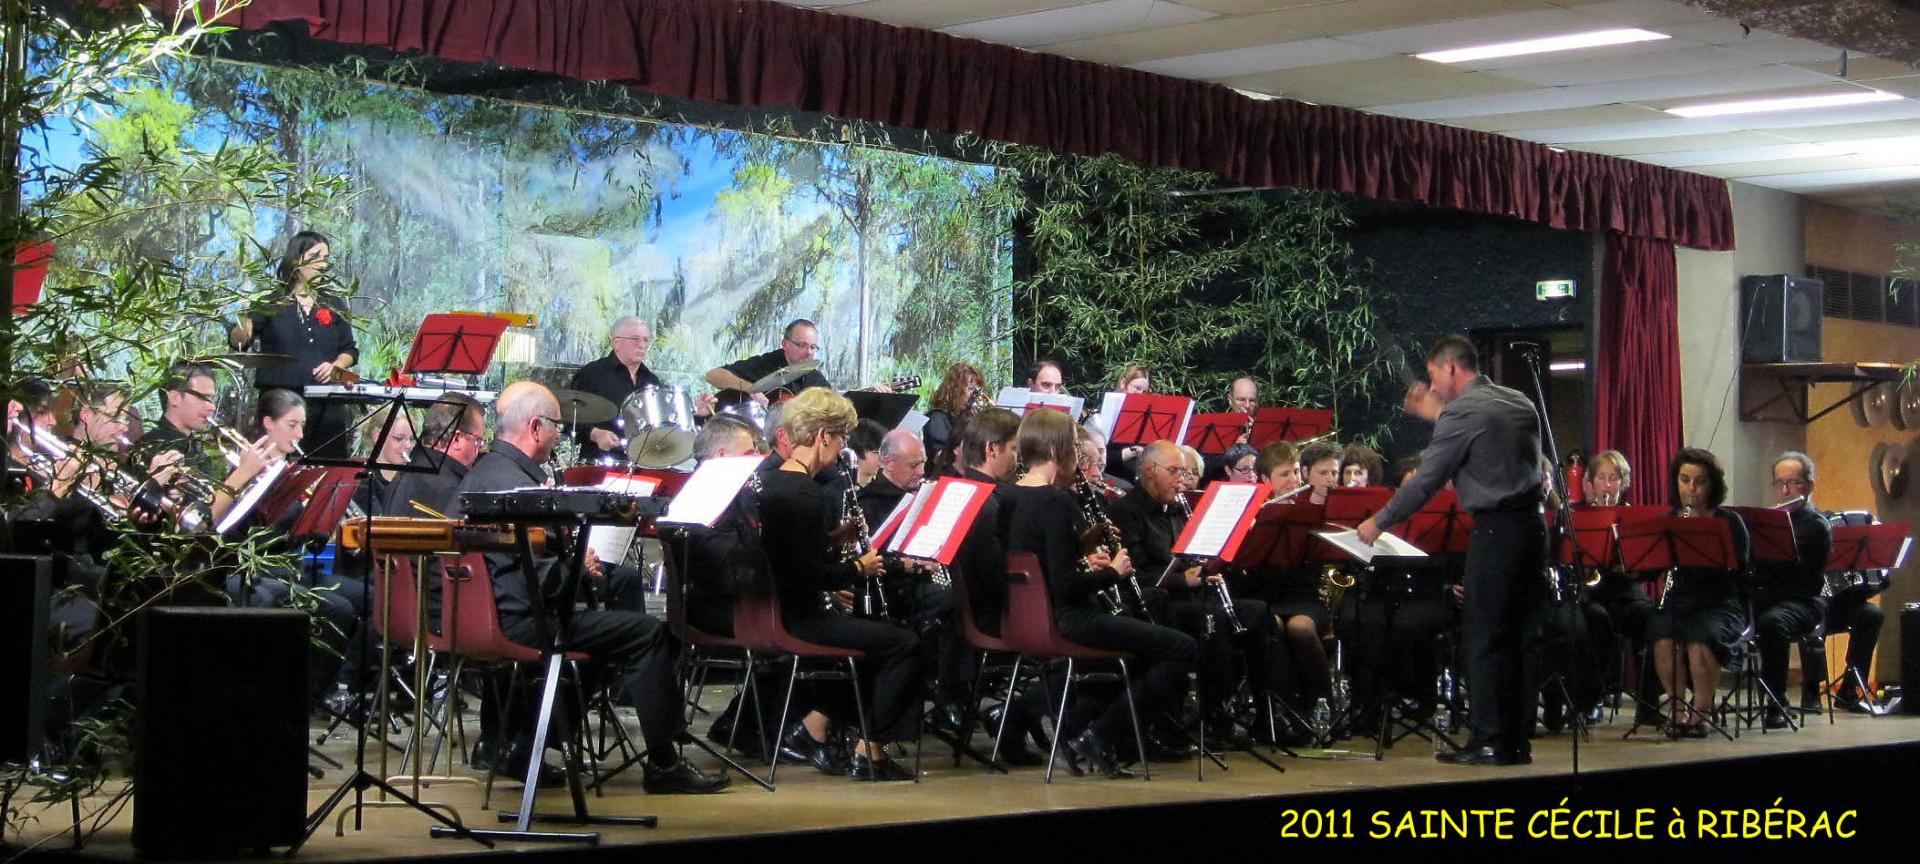 2011 12 sainte cecile 2